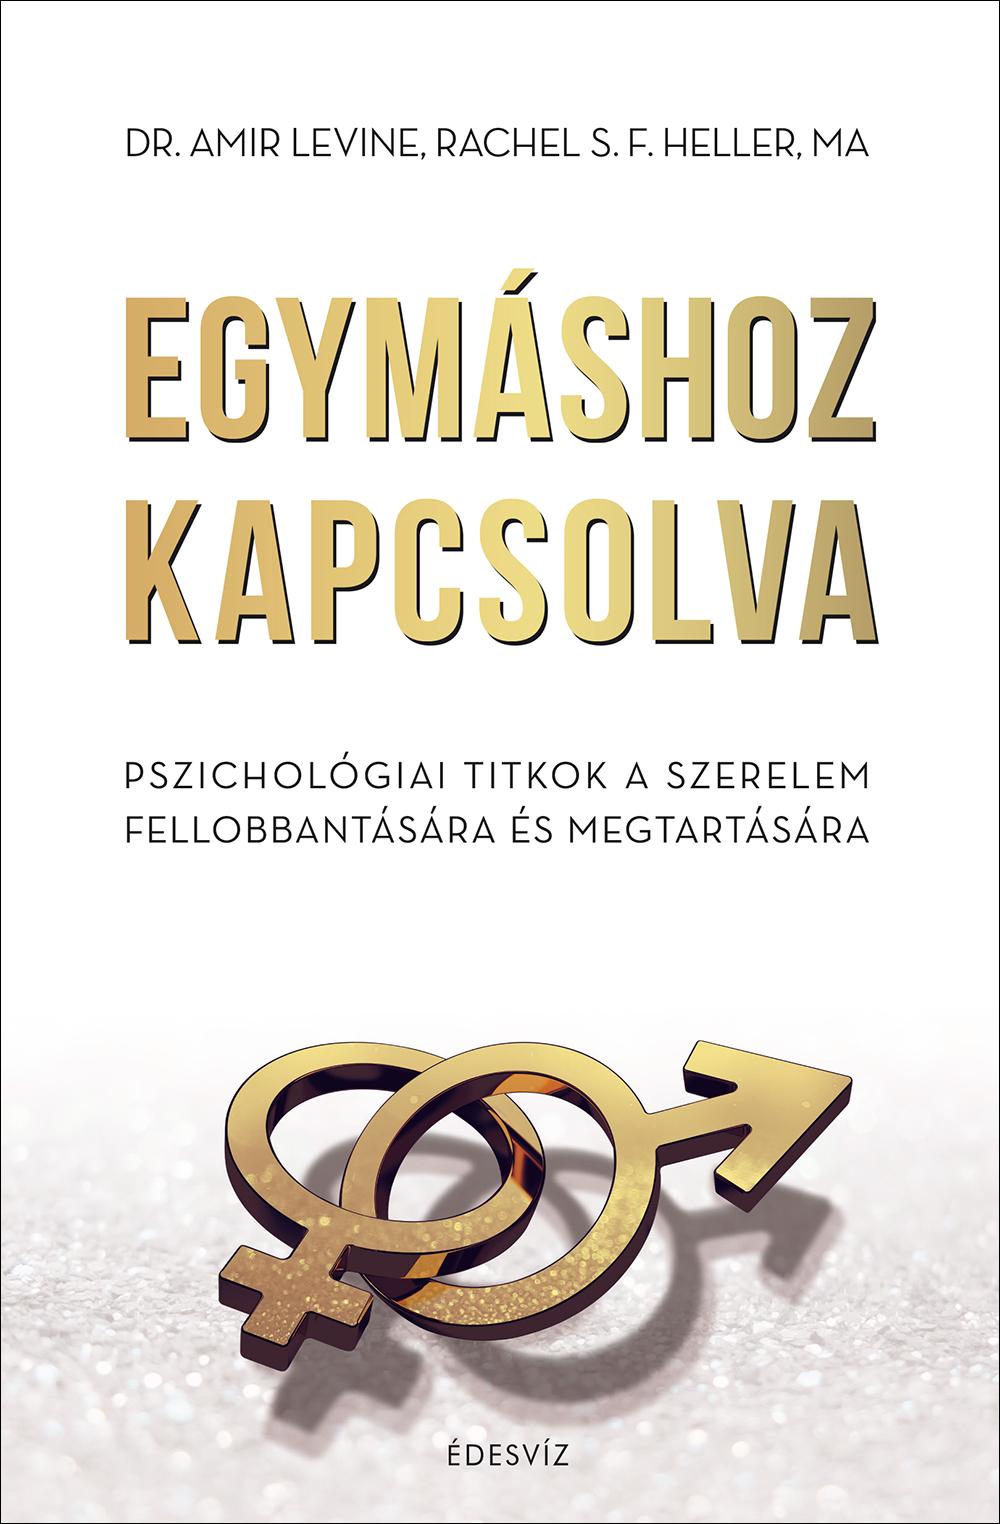 Egymáshoz kapcsolva könyv